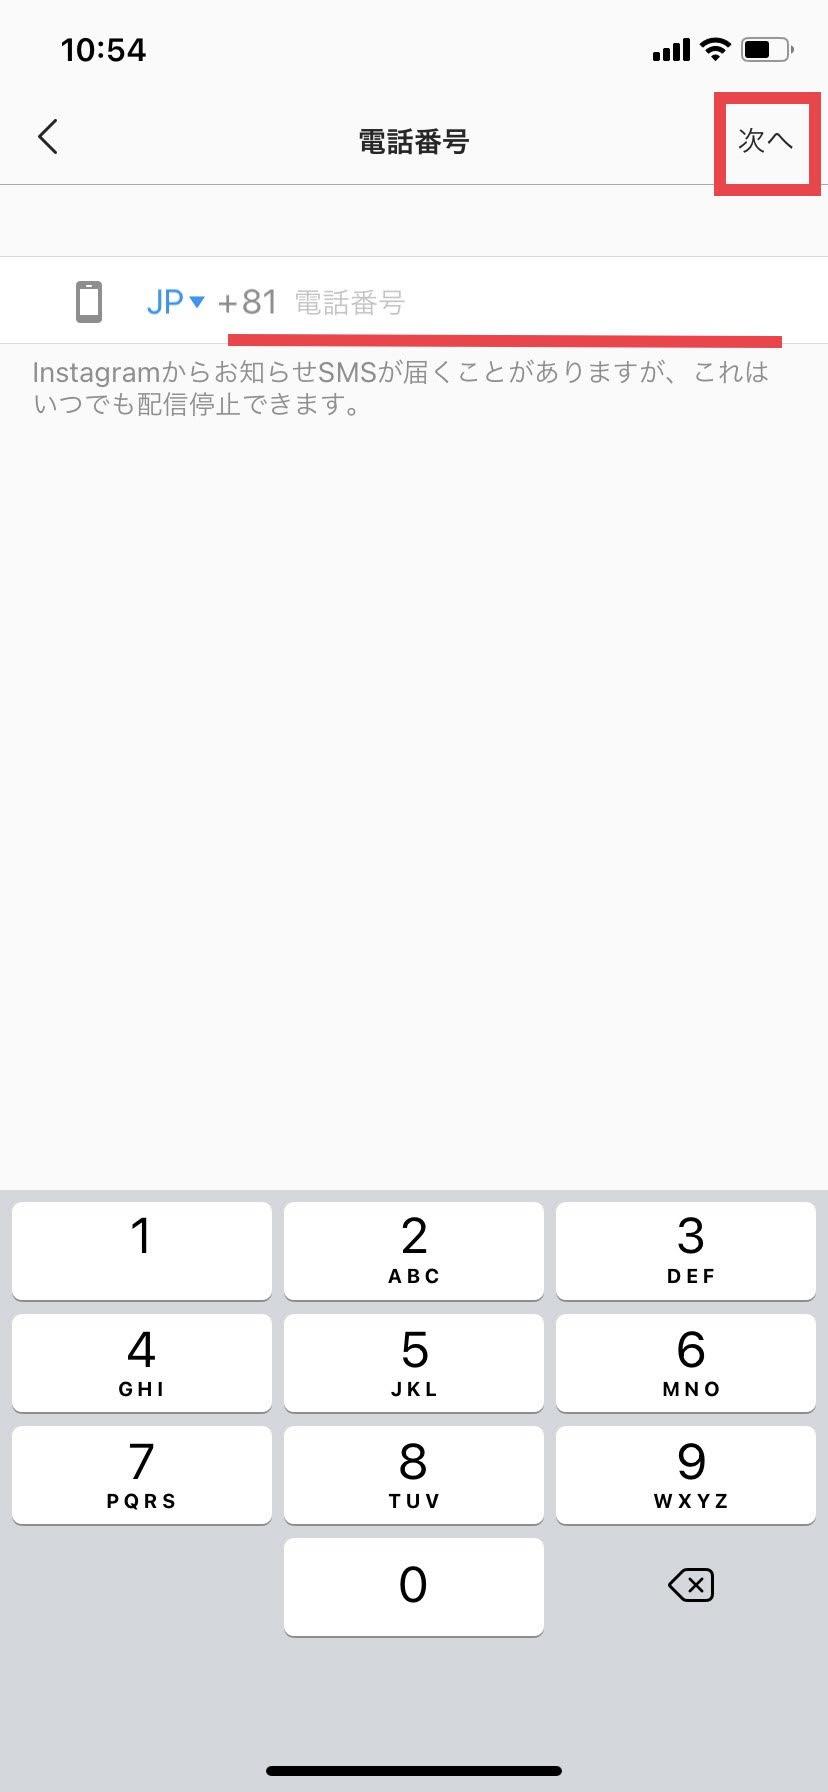 で 検索 電話 番号 インスタ インスタ 電話番号検索する方法